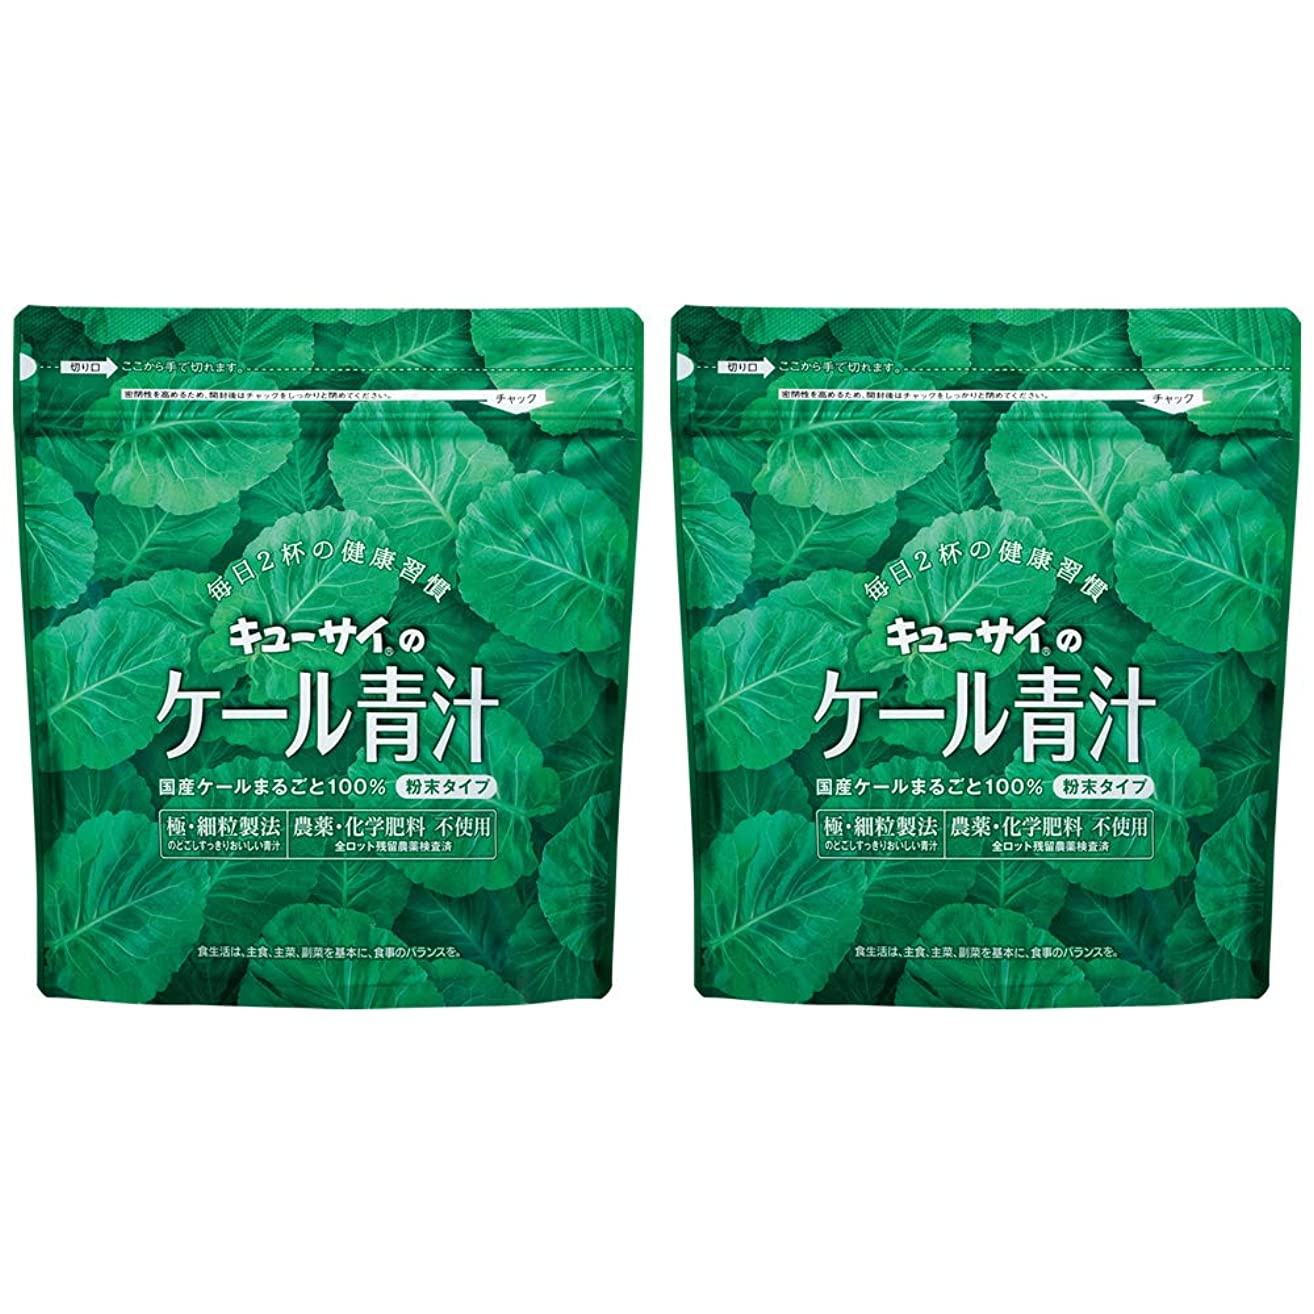 ペチコート迷彩降ろすキューサイ青汁420g(粉末タイプ)2袋まとめ買い/キューサイ ケール青汁【1袋420g(約1カ月分)】